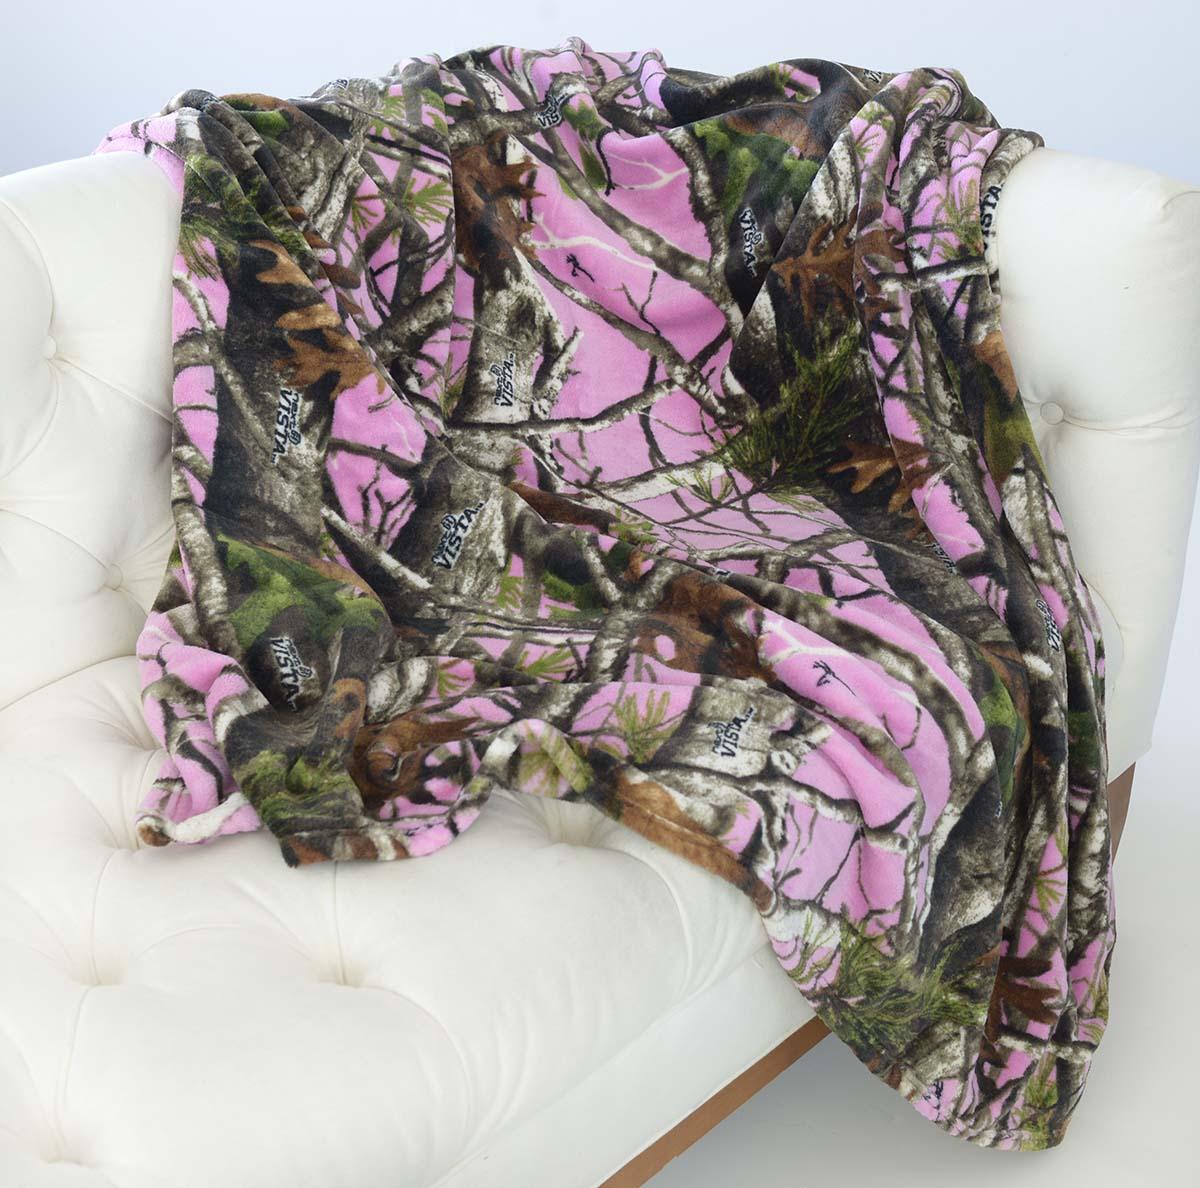 Fleece_PINK_Camo_Blanket_on_Sofa_77402_77403